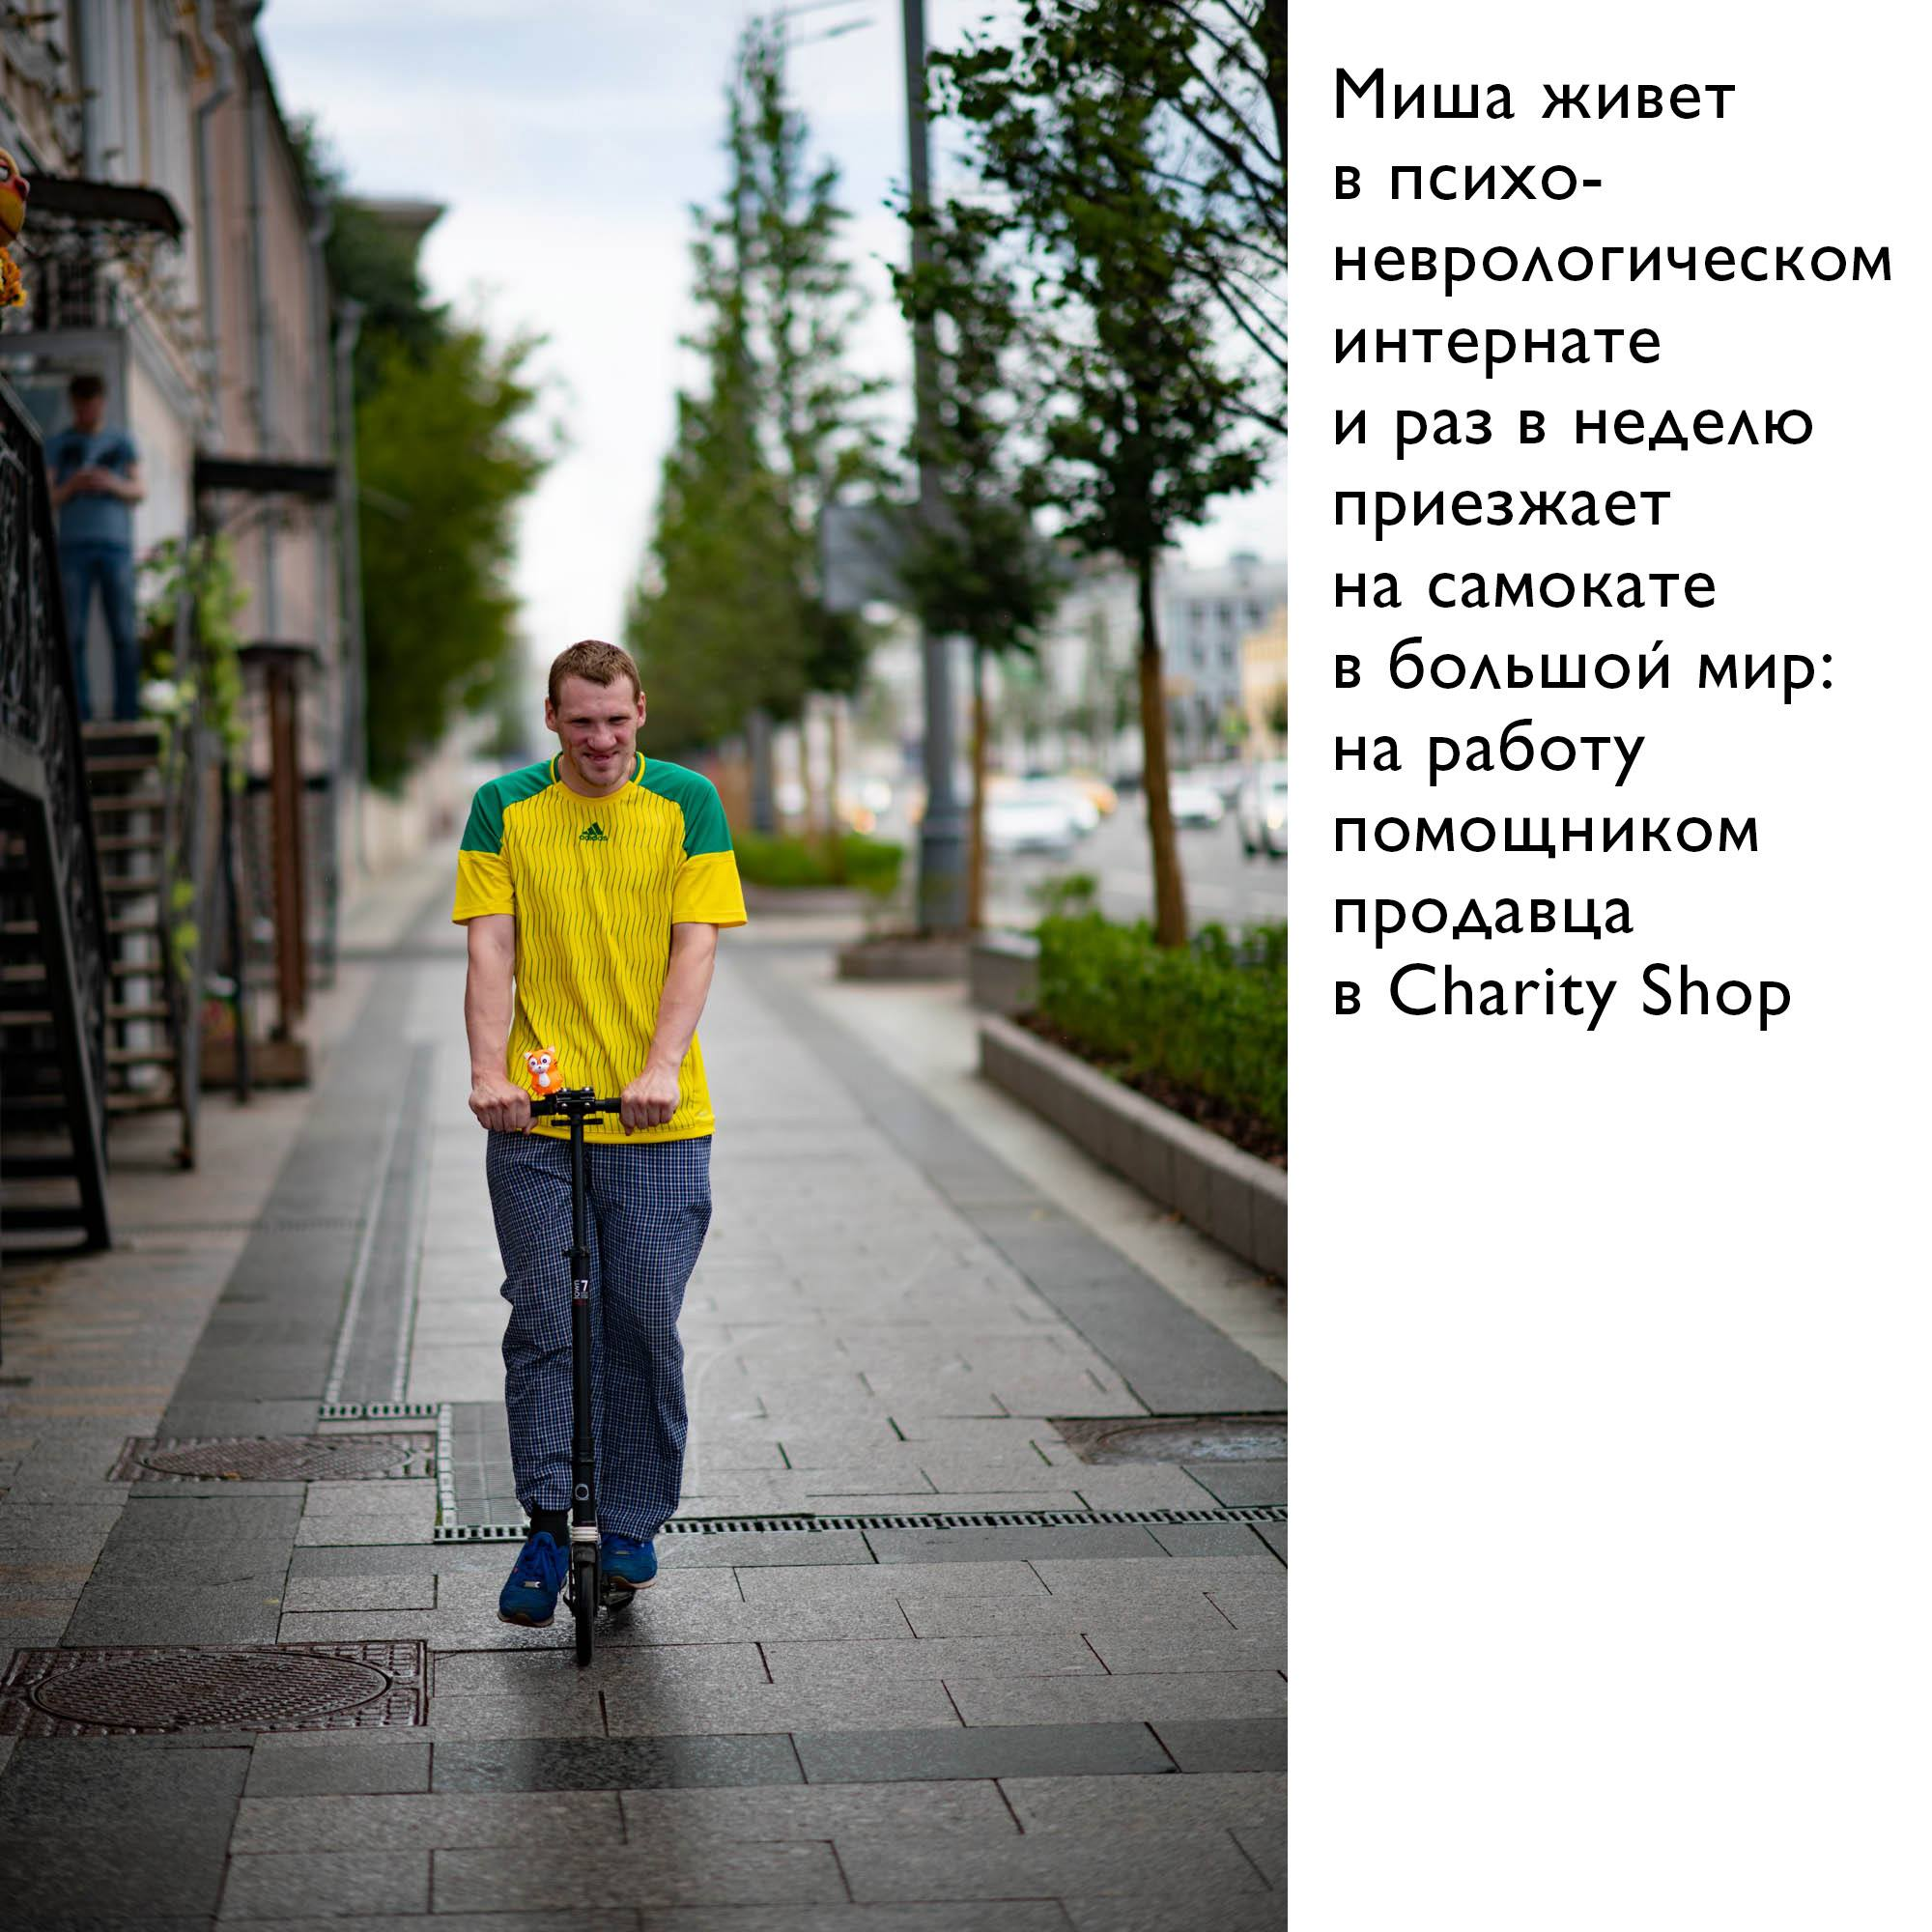 Максим Мармур, фонд ВТОРОЕ ДЫХАНИЕ